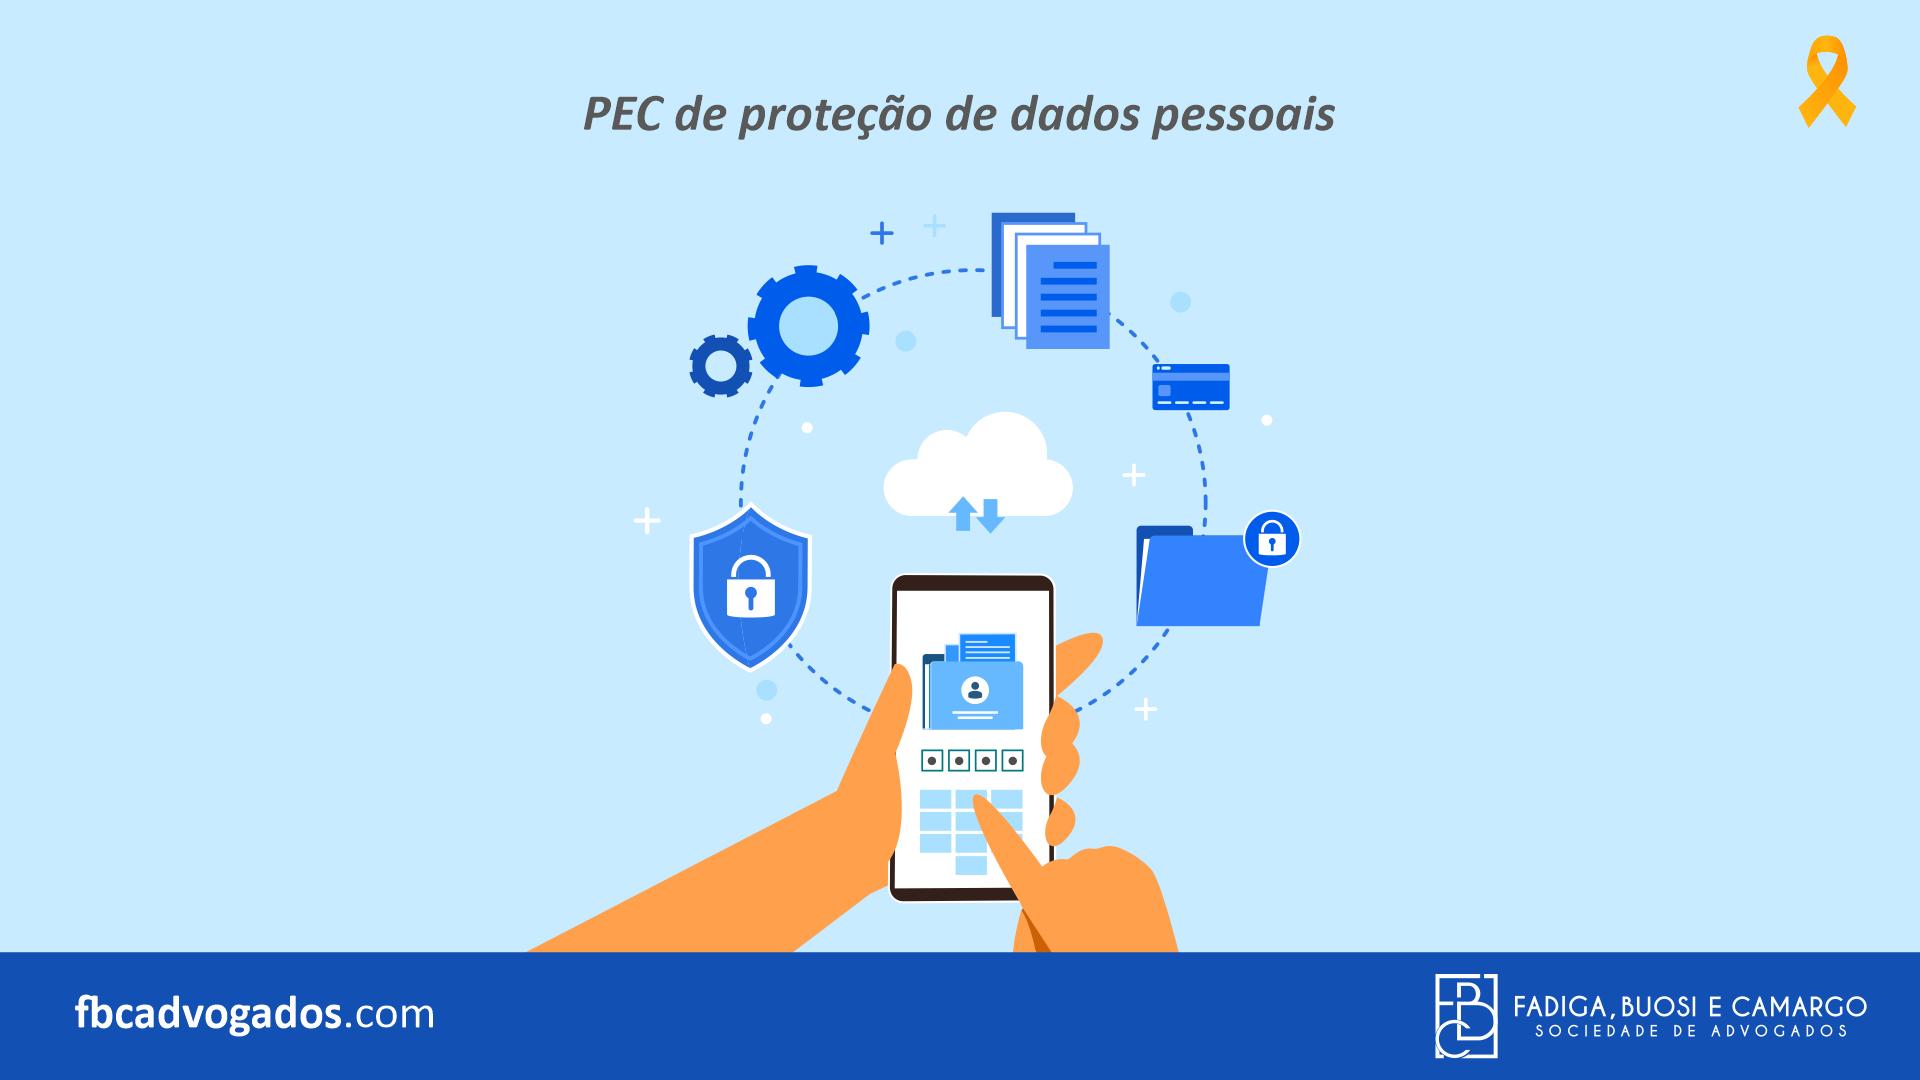 PEC de proteção de dados pessoais